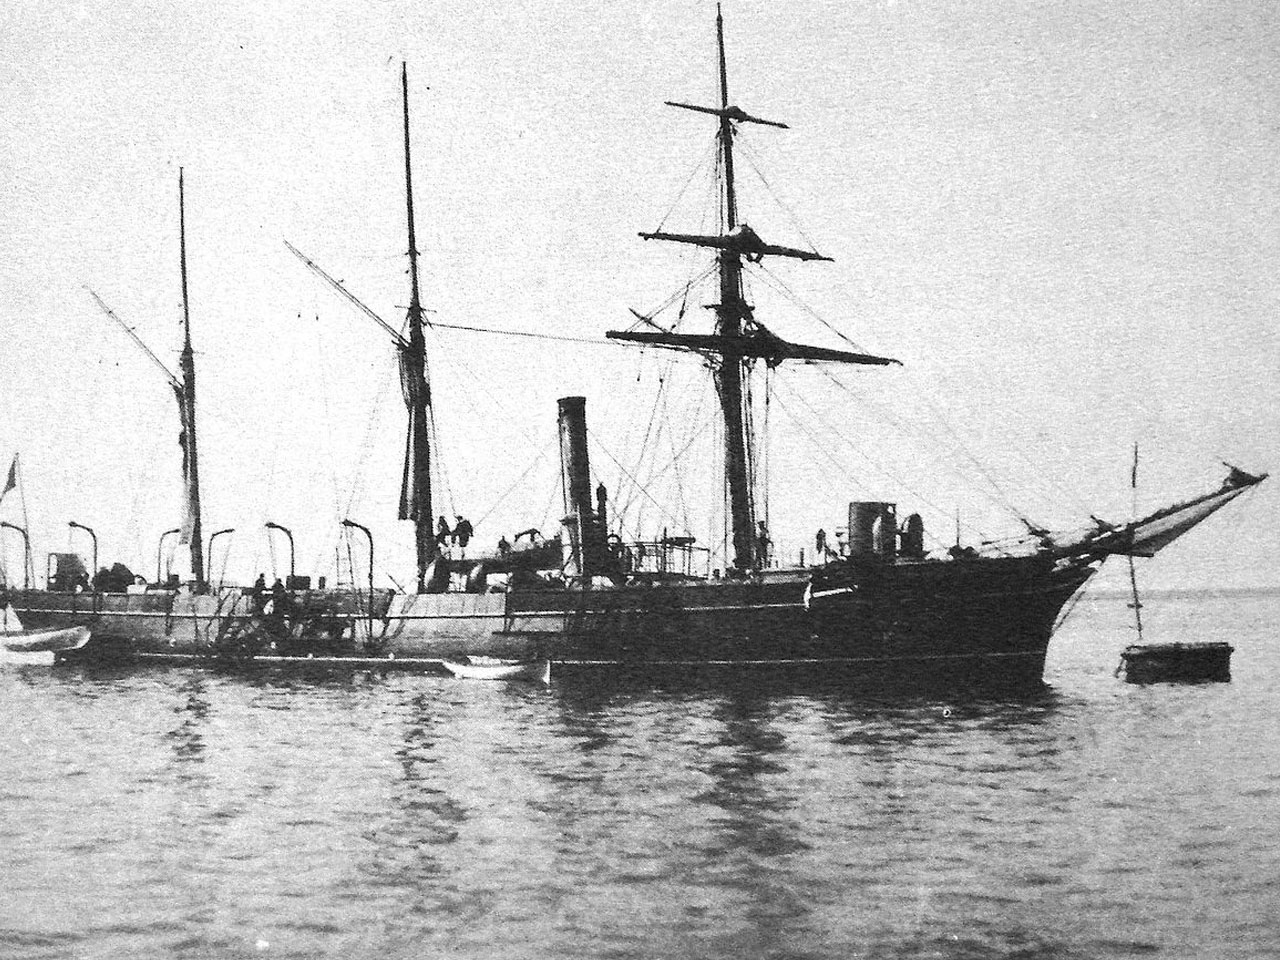 วิกฤตการณ์ ร.ศ. 112 (Franco-Siamese War 1893)